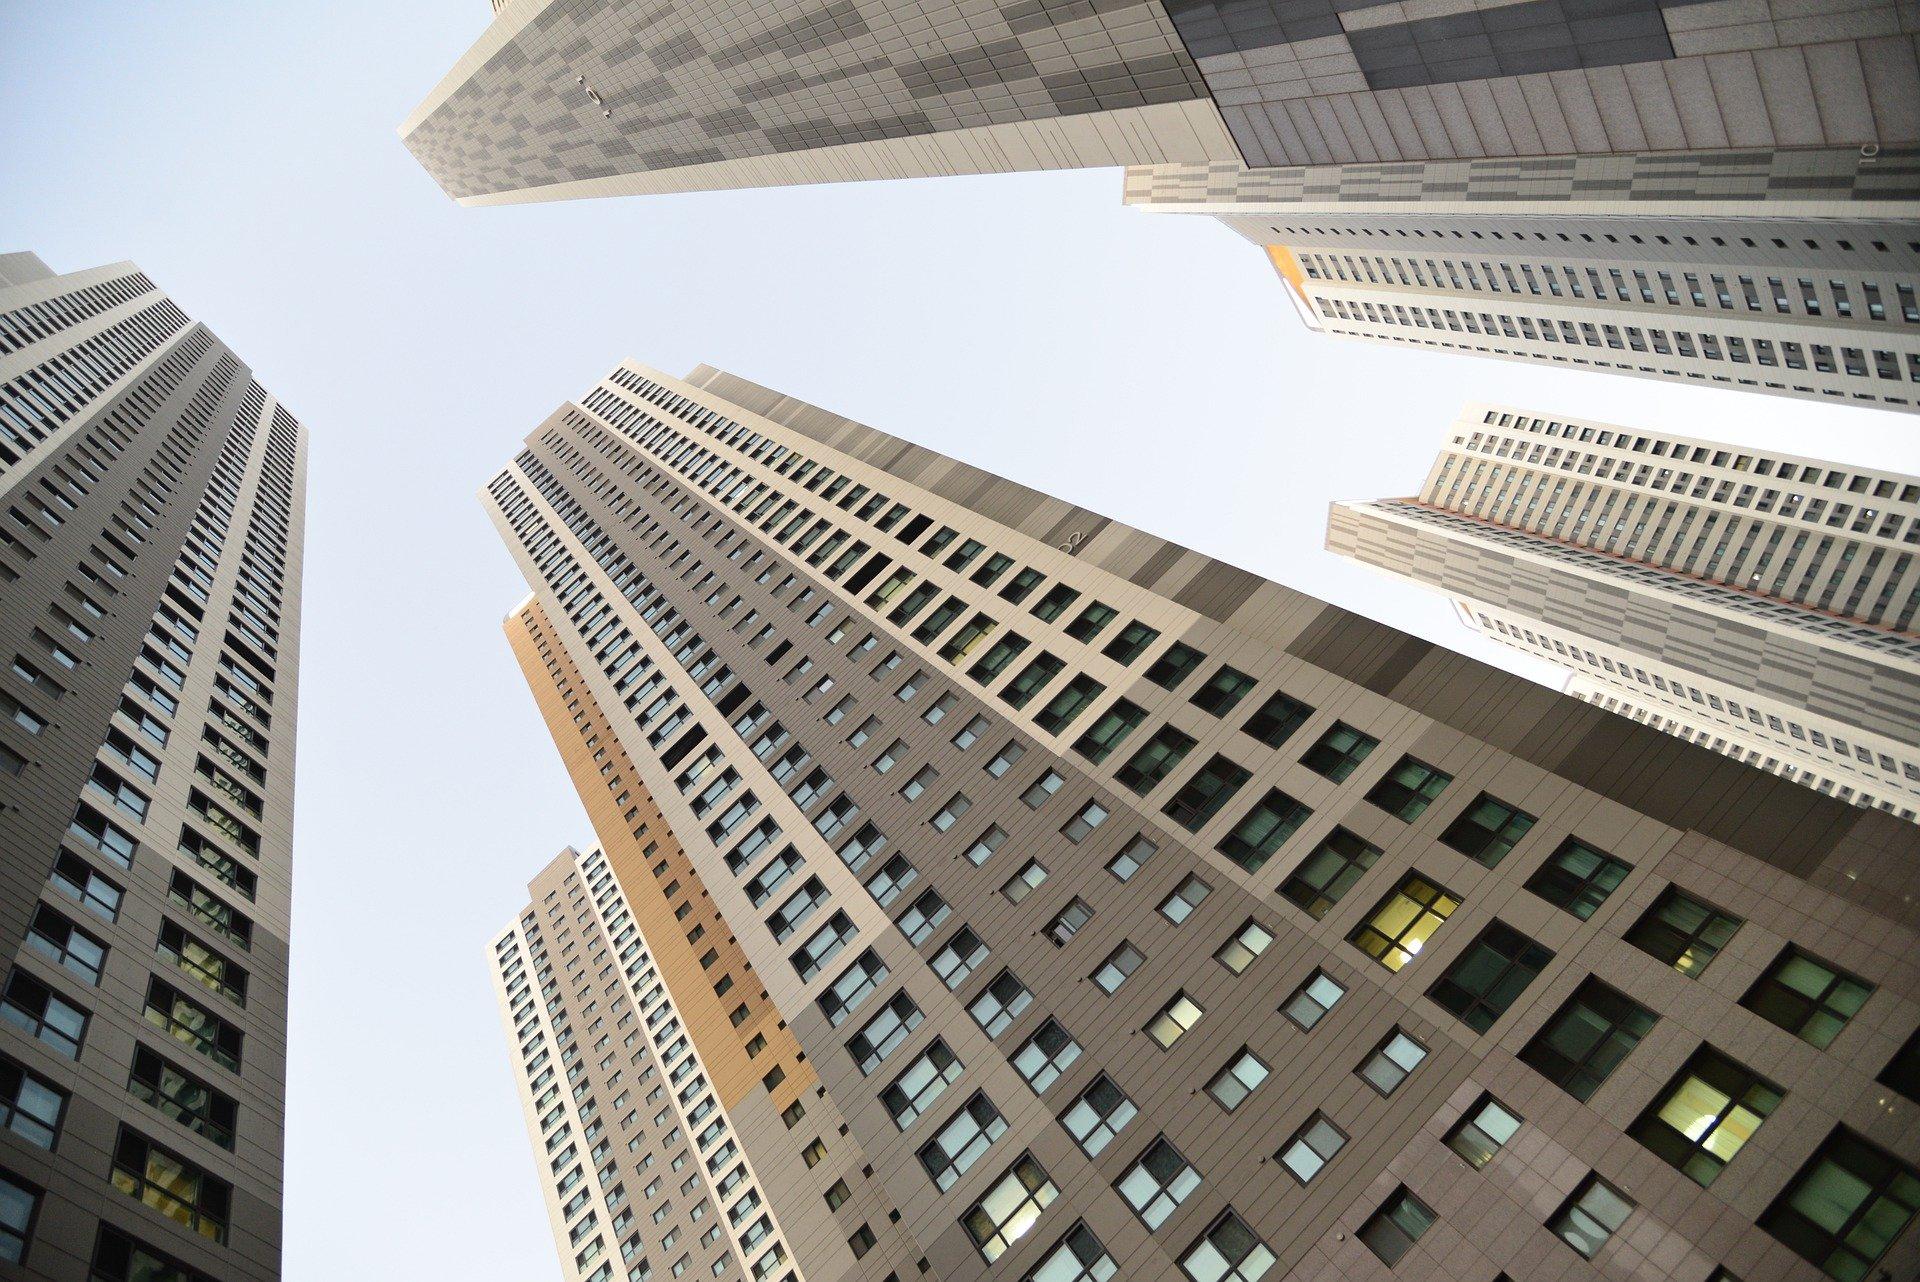 """多城楼市""""限跌令""""落地:部分房企因资金紧张降价,划定跌停线防治乱象"""